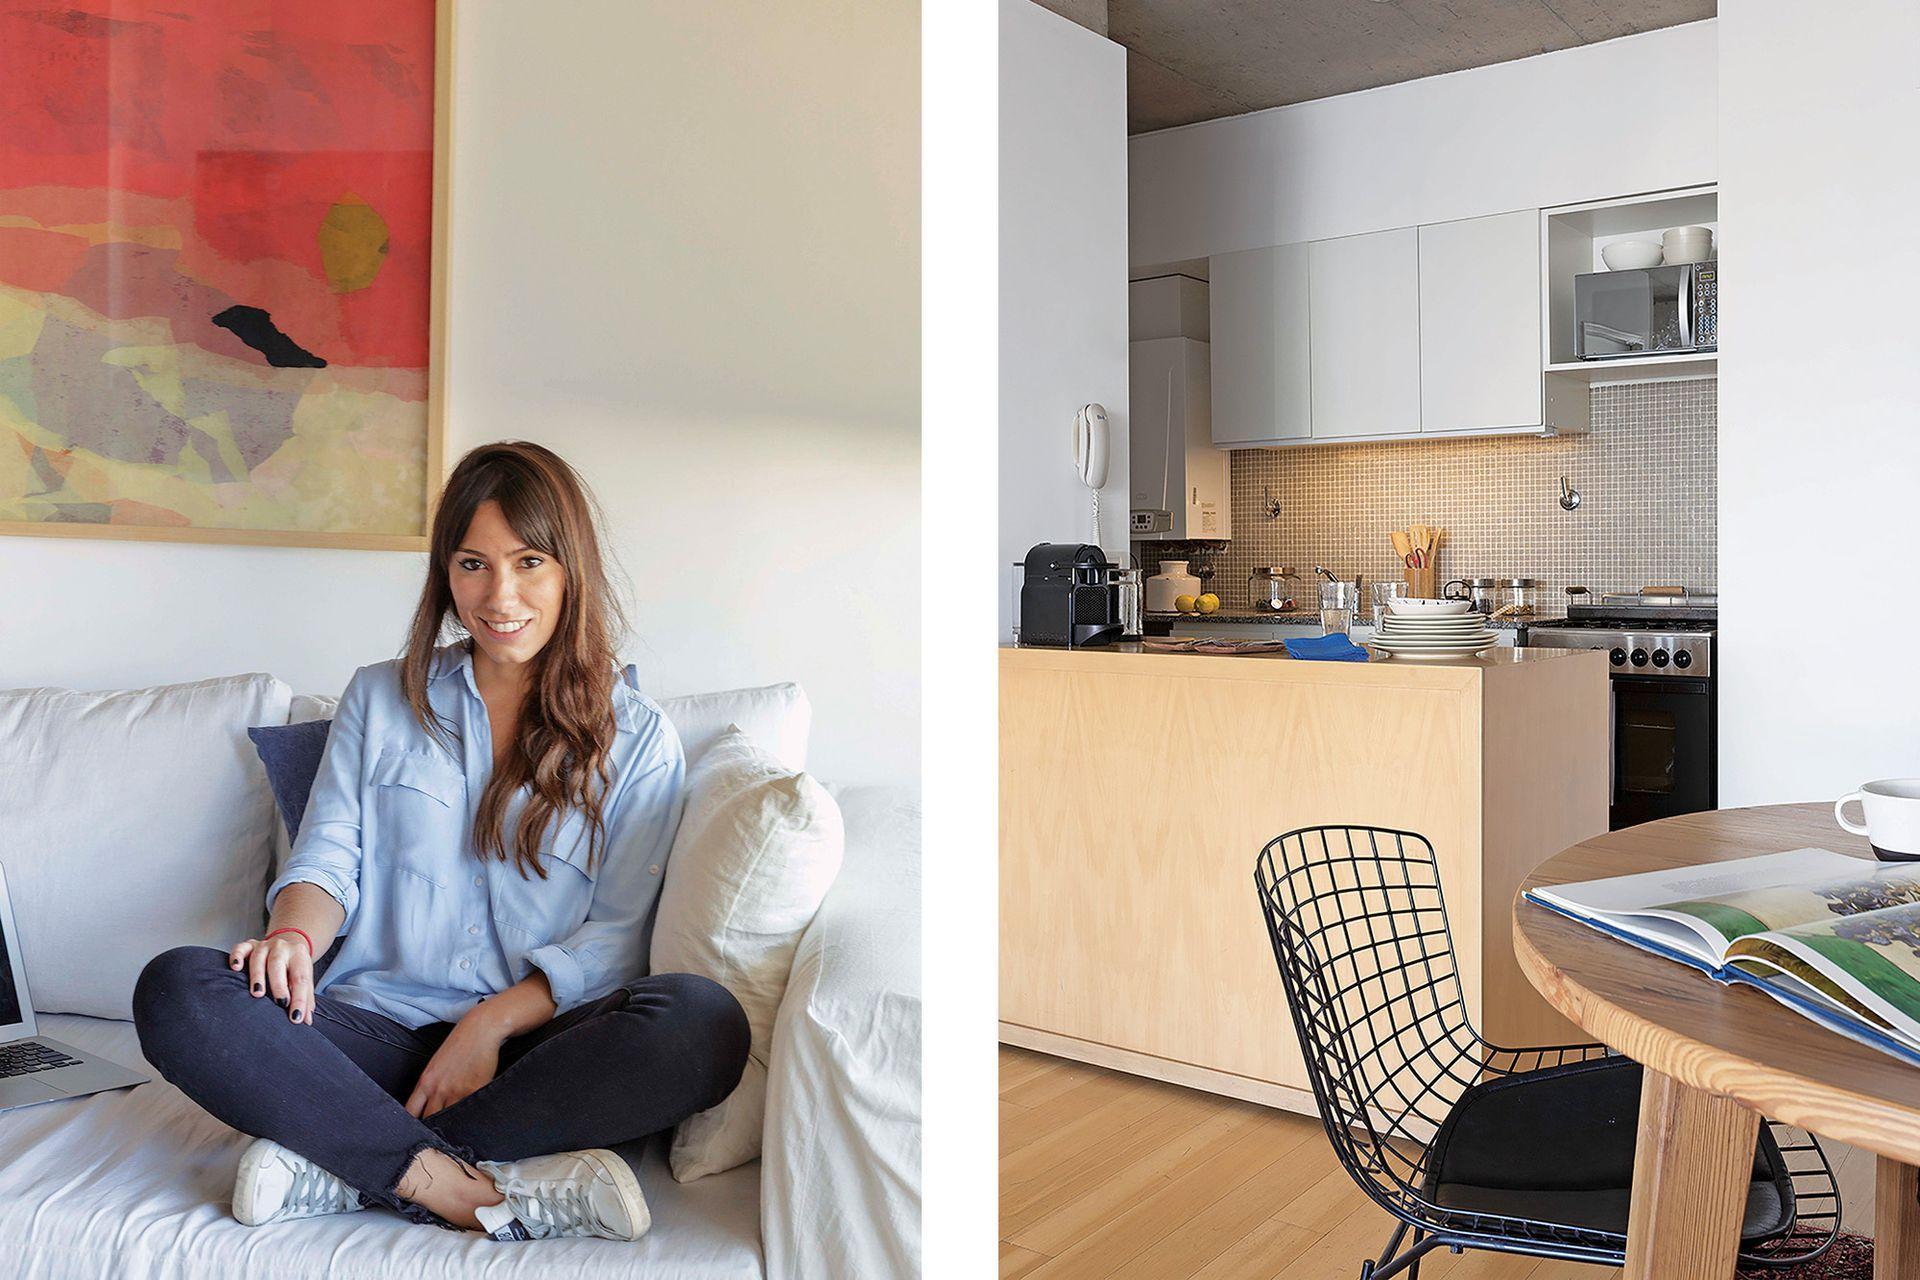 Su nuevo hogar le da impulso a su creciente interés por el coleccionismo de arte.